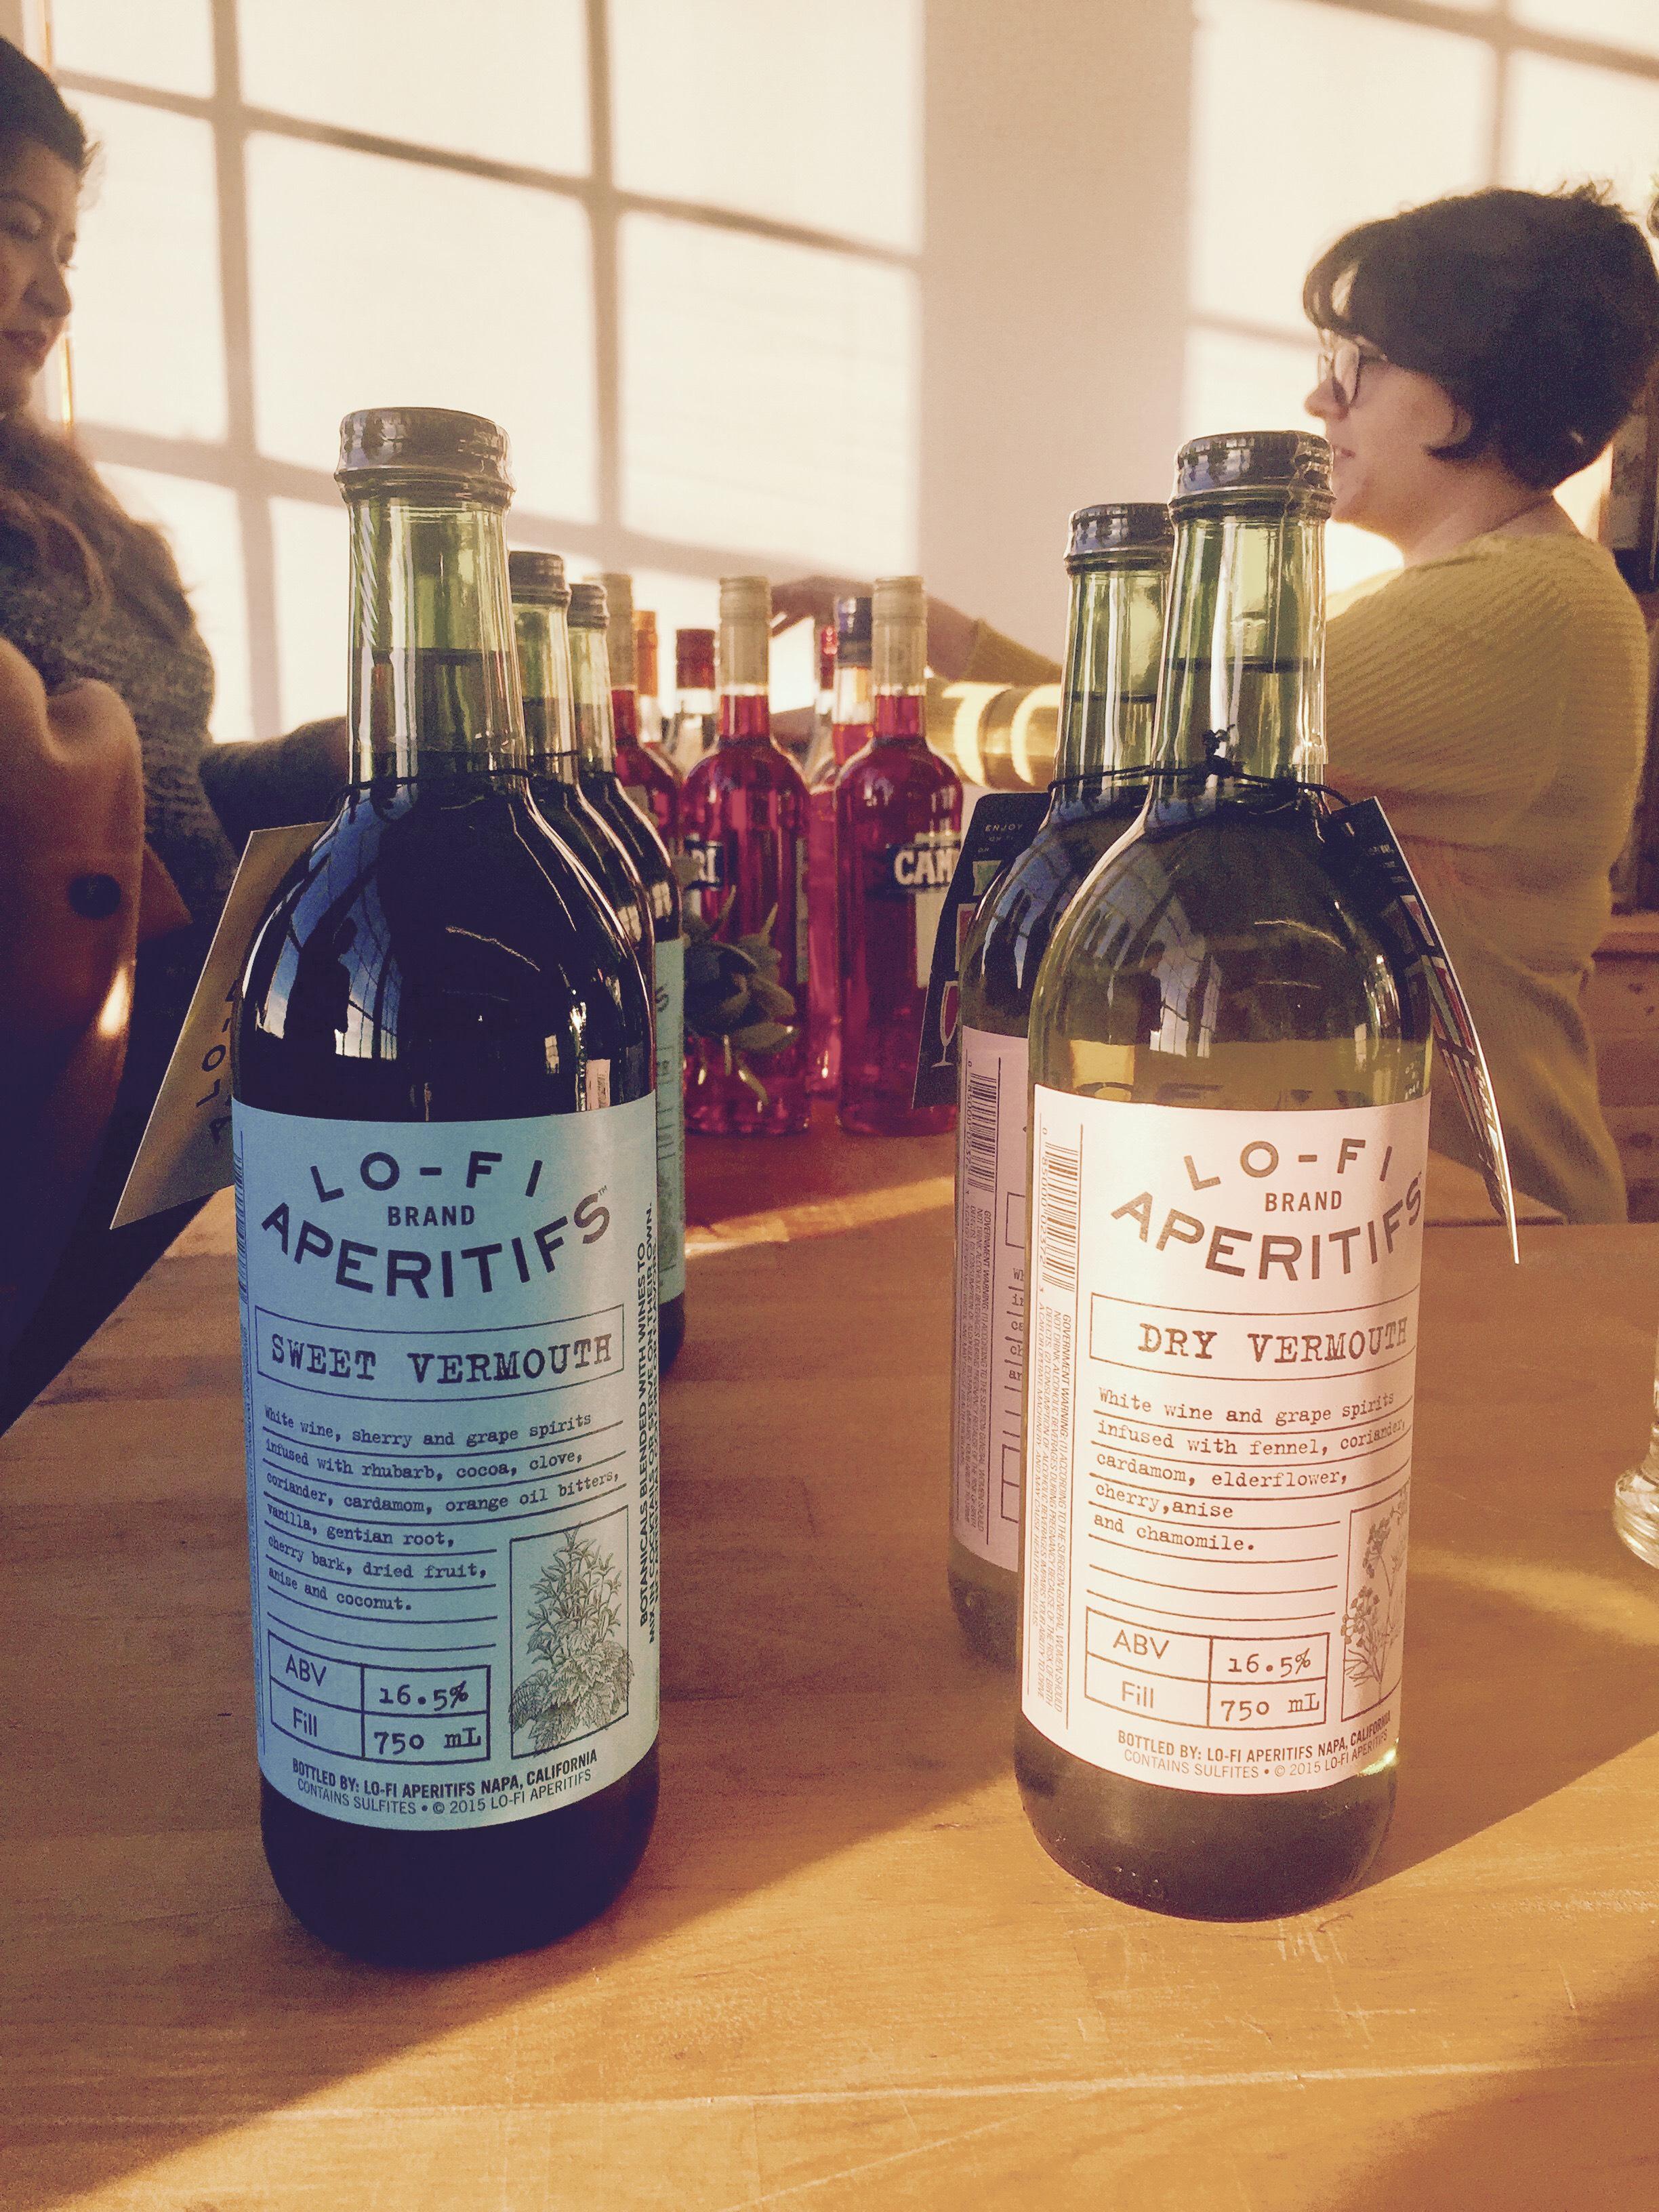 #3 The Bottles